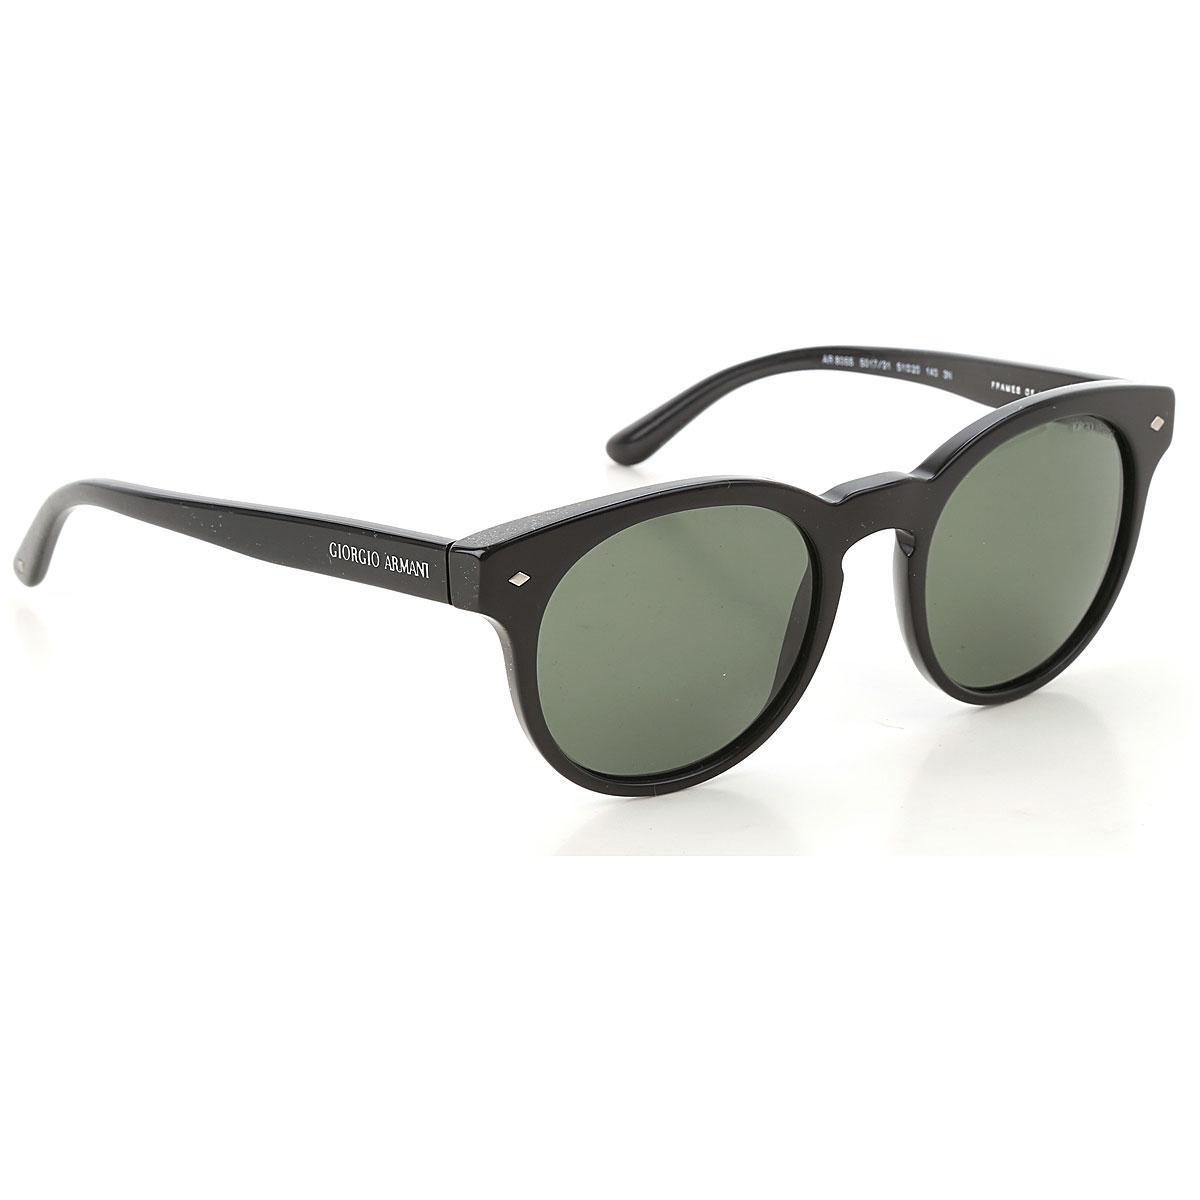 cb4f2cd4d8 Giorgio Armani - Black Gafas de Sol Baratos en Rebajas - Lyst. Ver en  pantalla completa